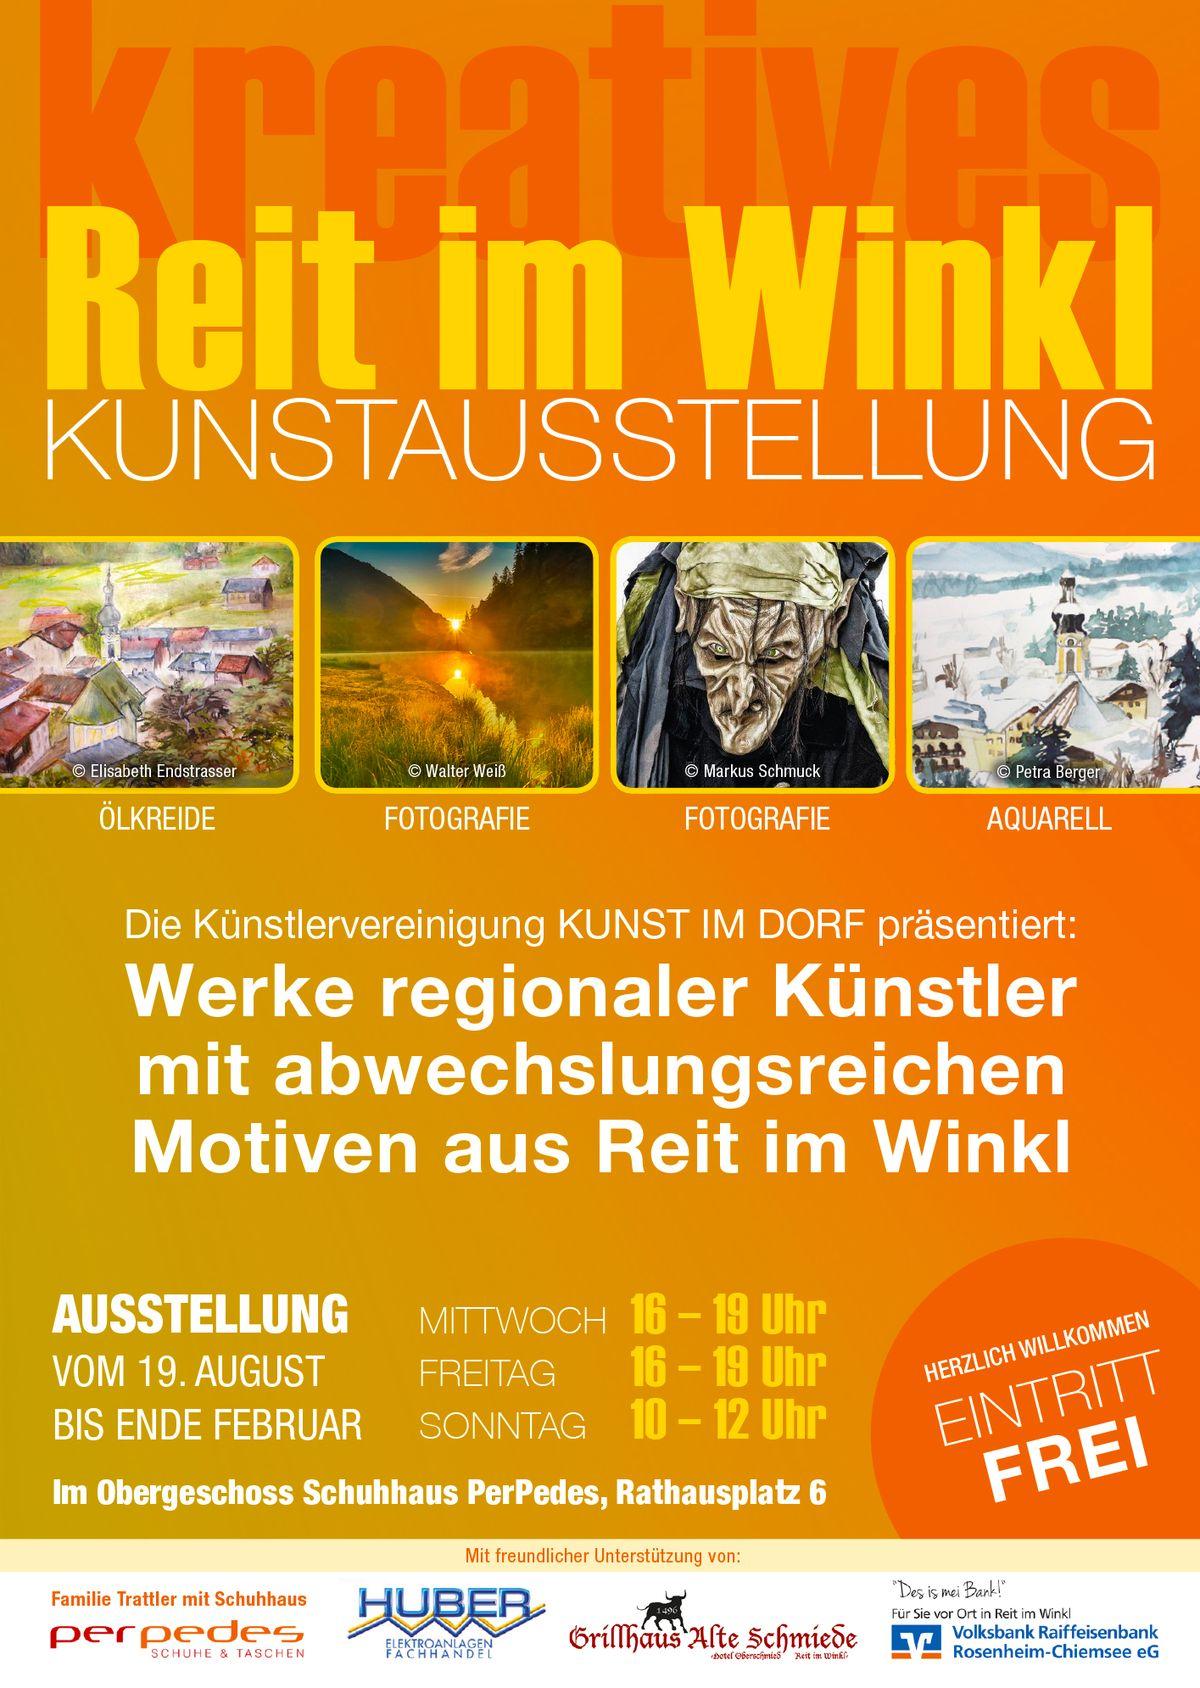 Plakat kreatives Reit im Winkl